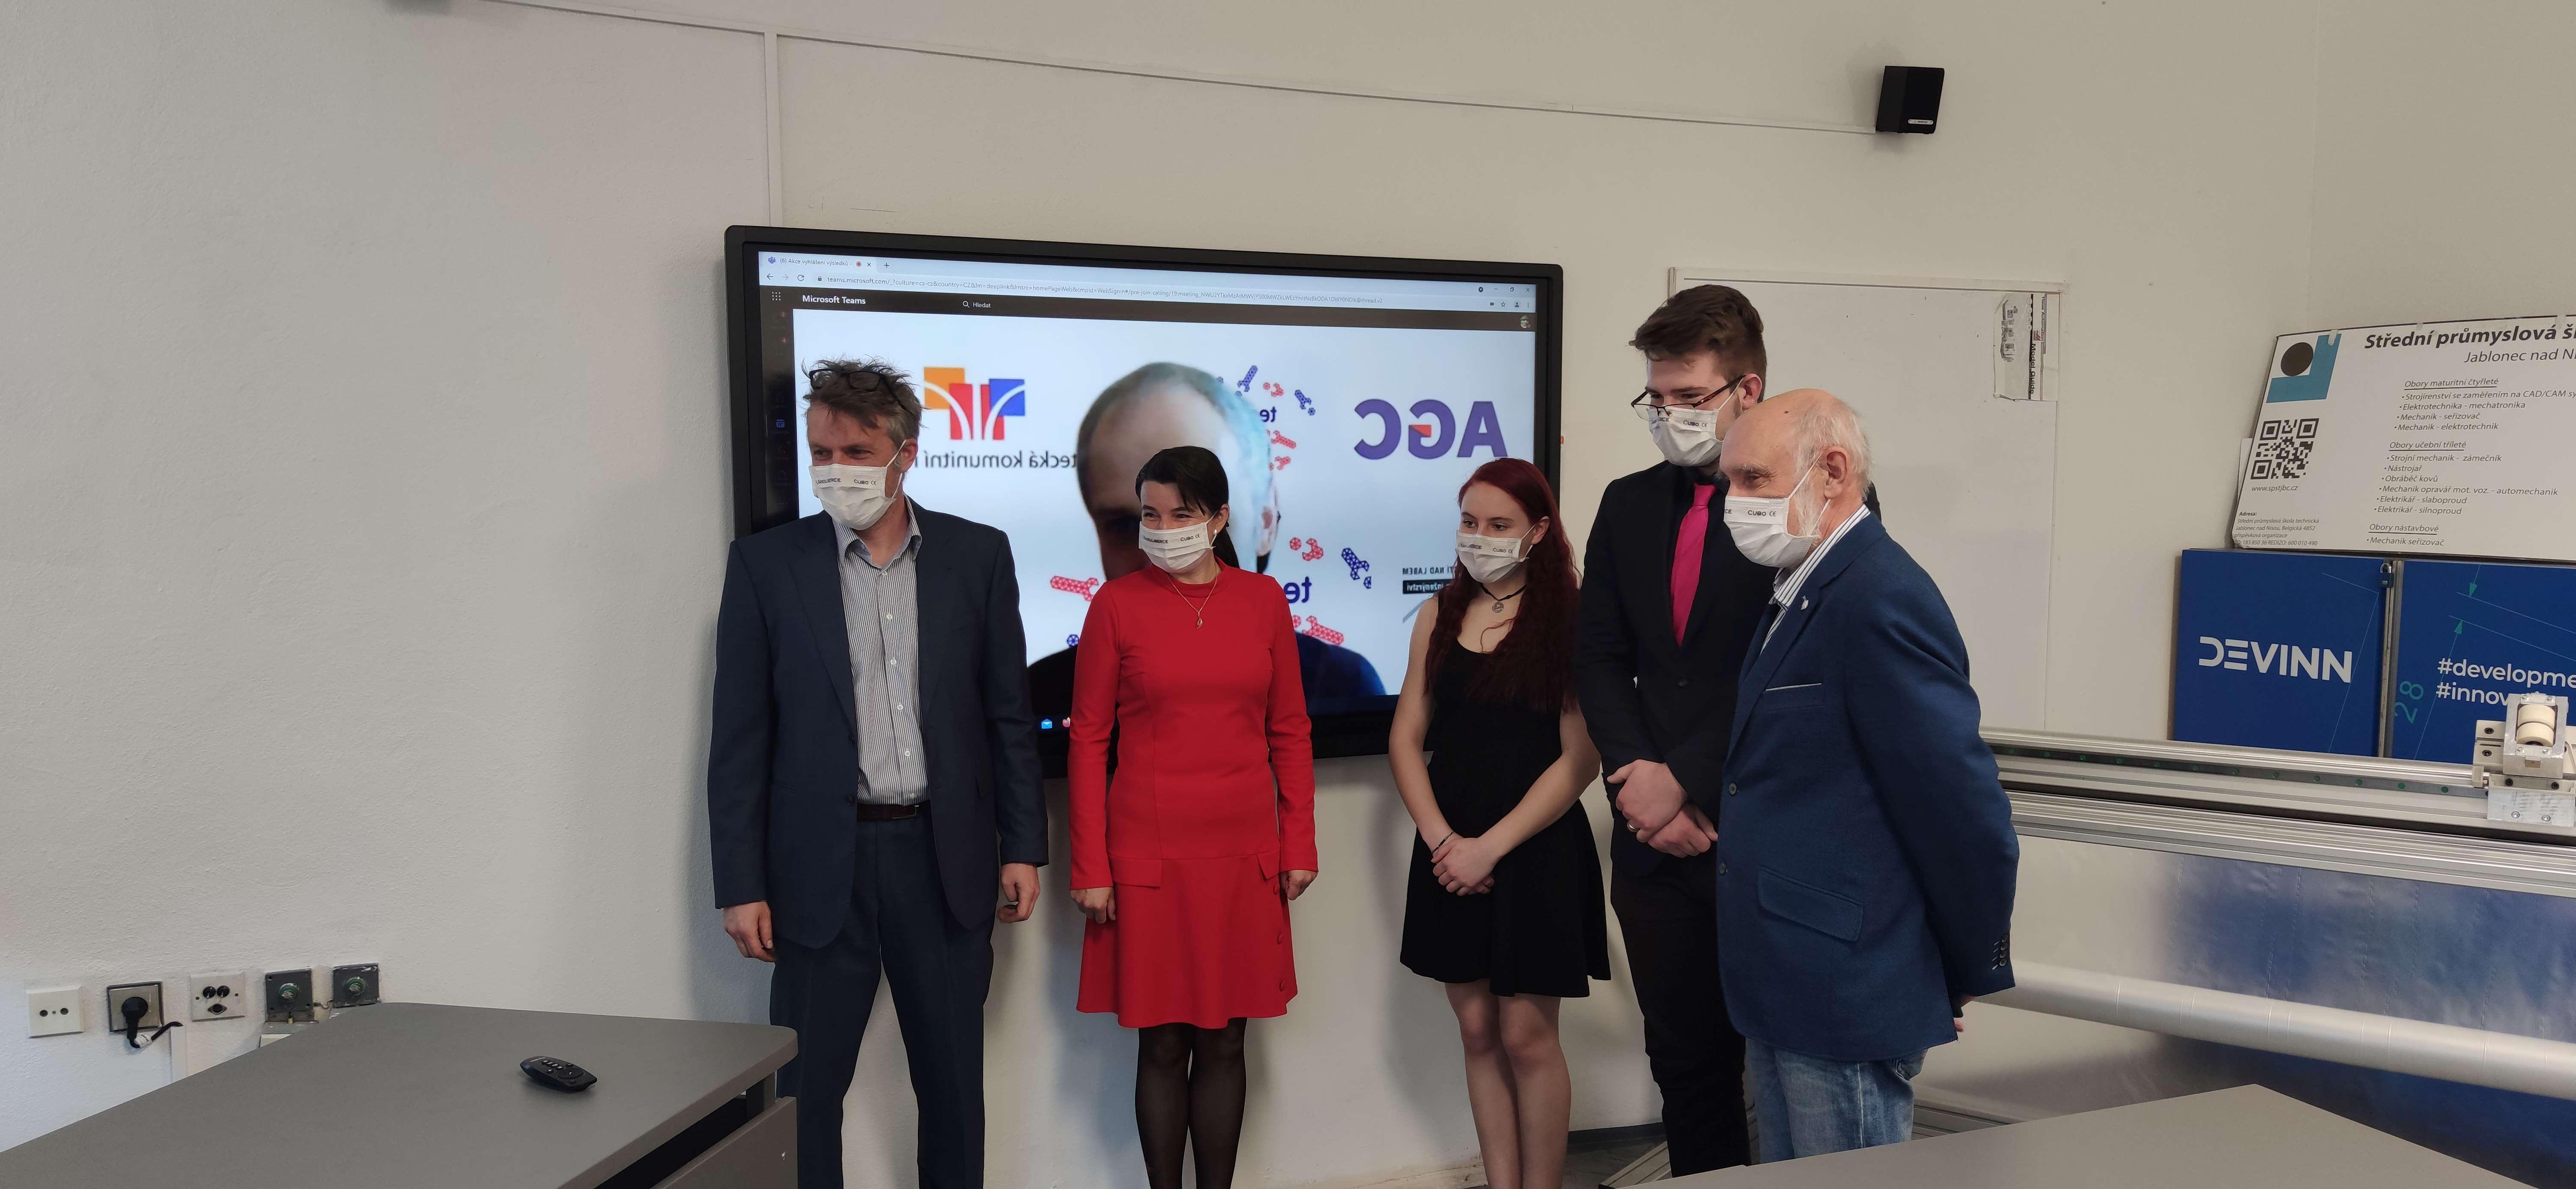 Vítězství v soutěži Technowizz putuje ke studentům z Jablonce